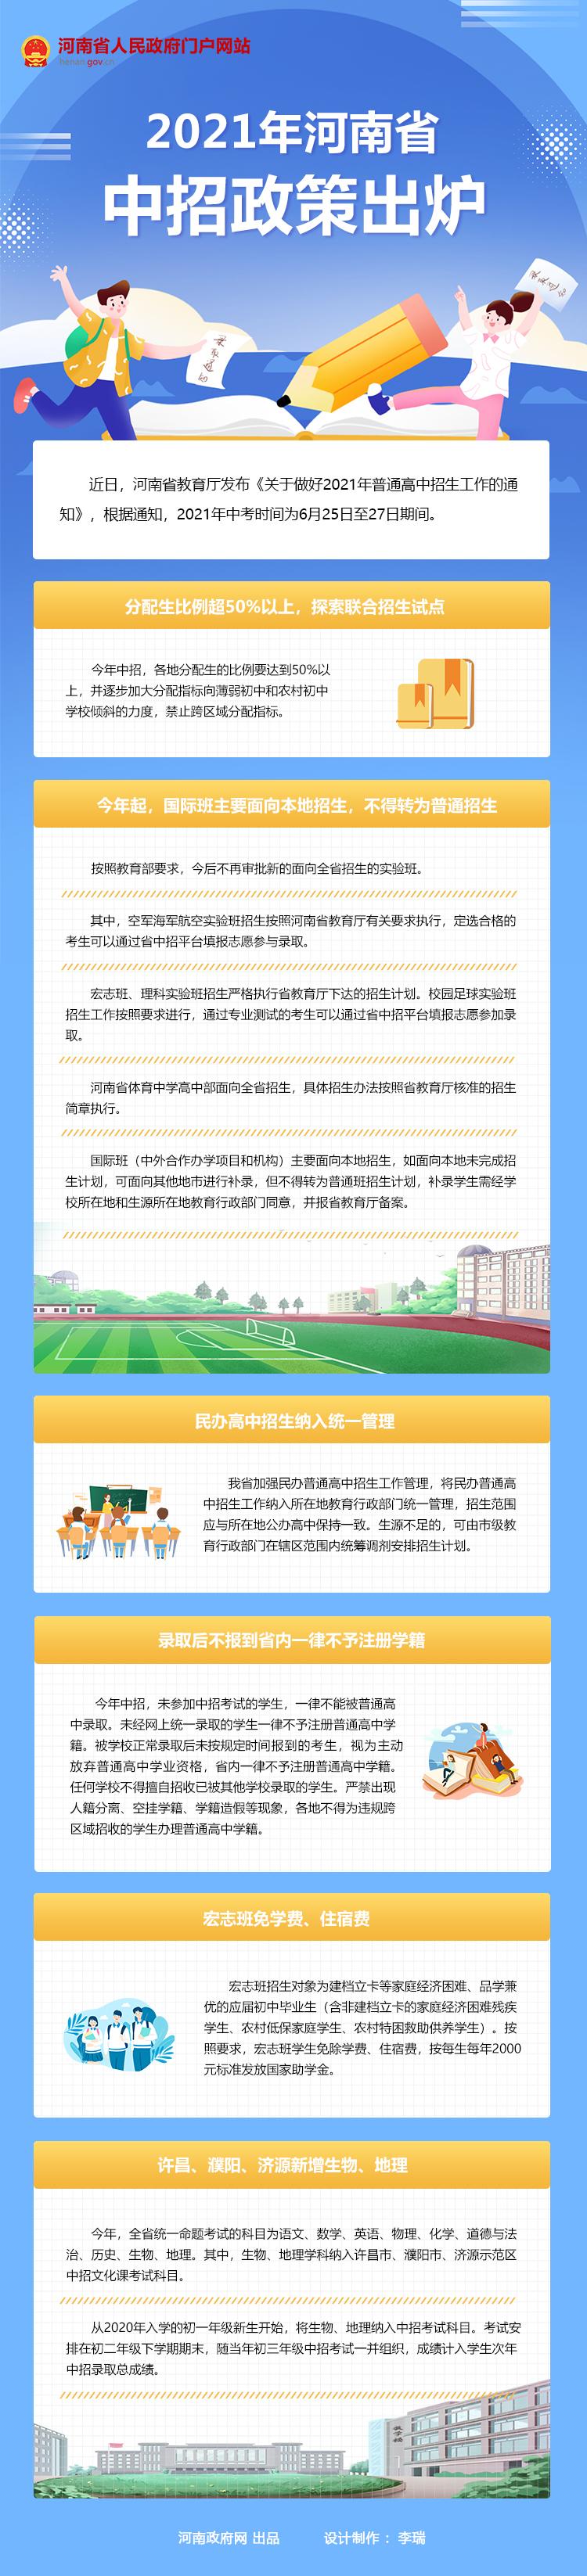 圖解:2021年河南省中招政策出爐